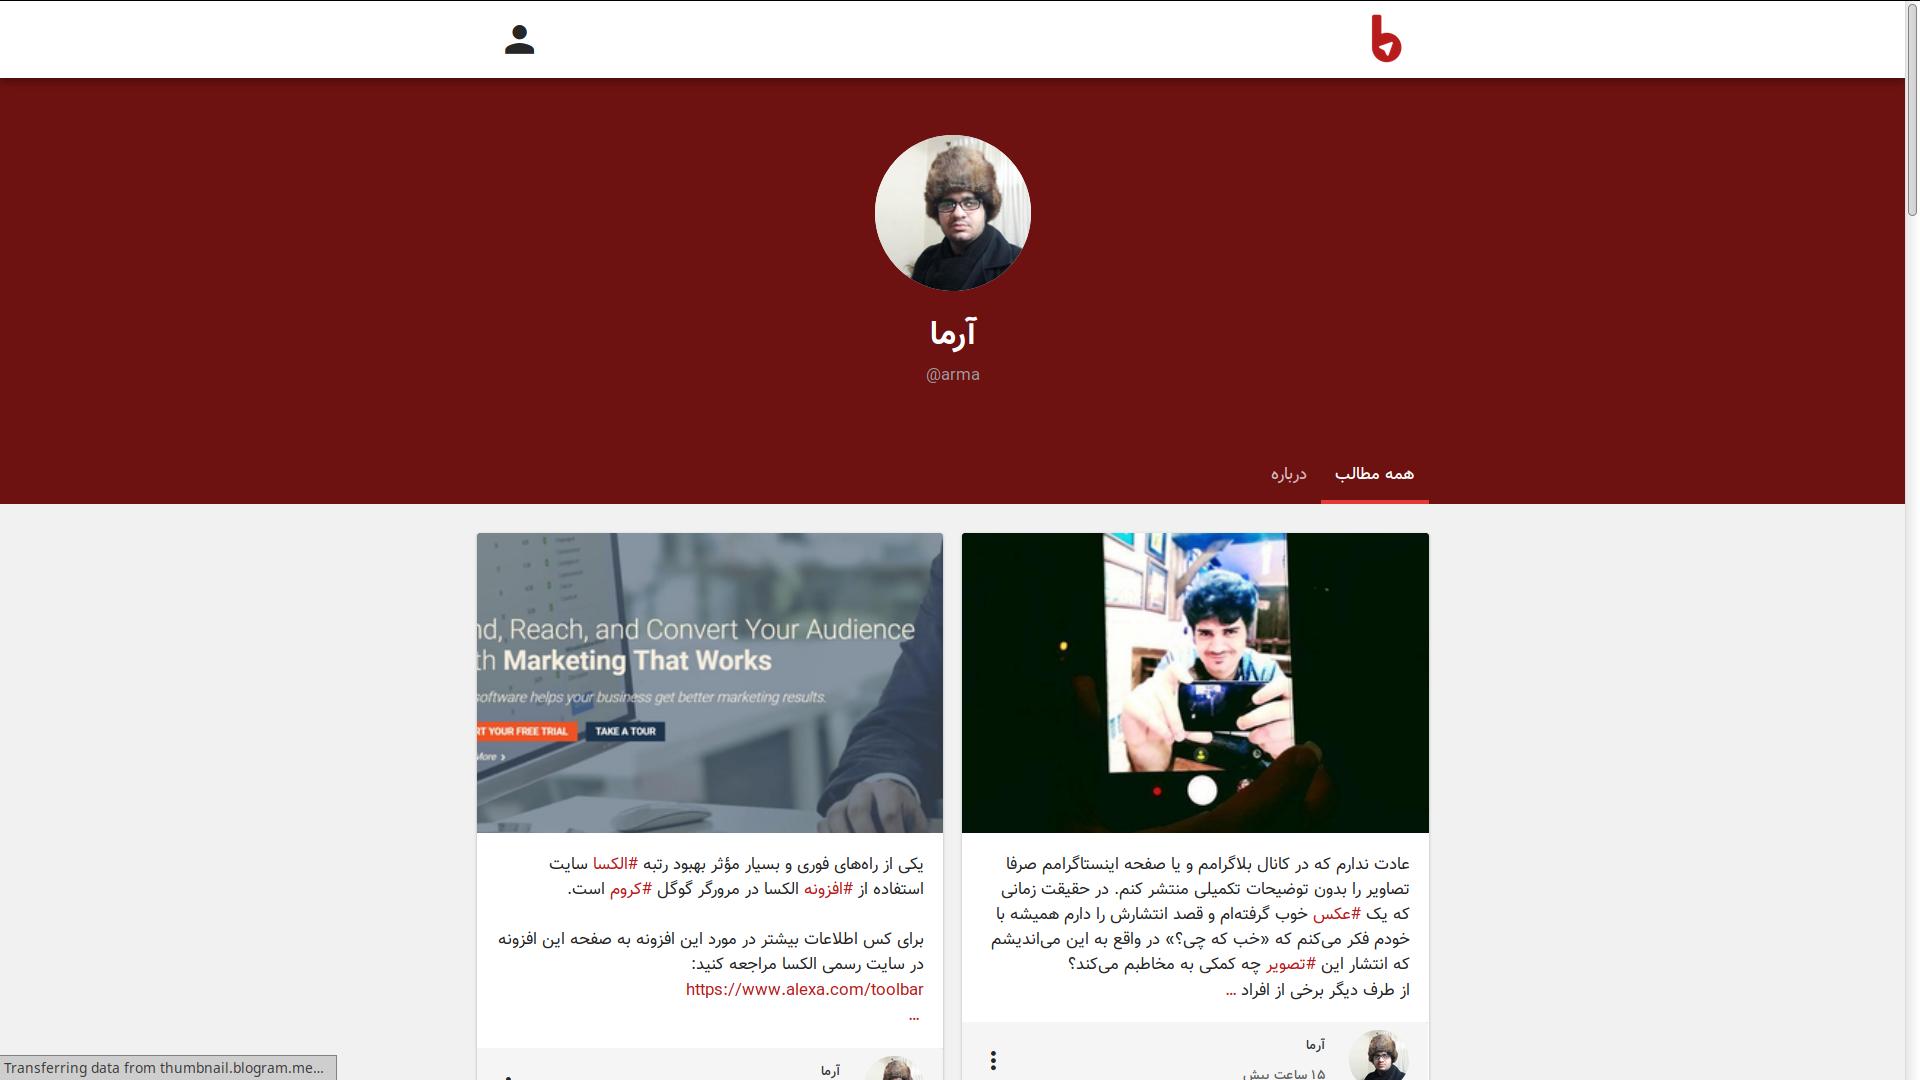 کانال آرما در بلاگرام